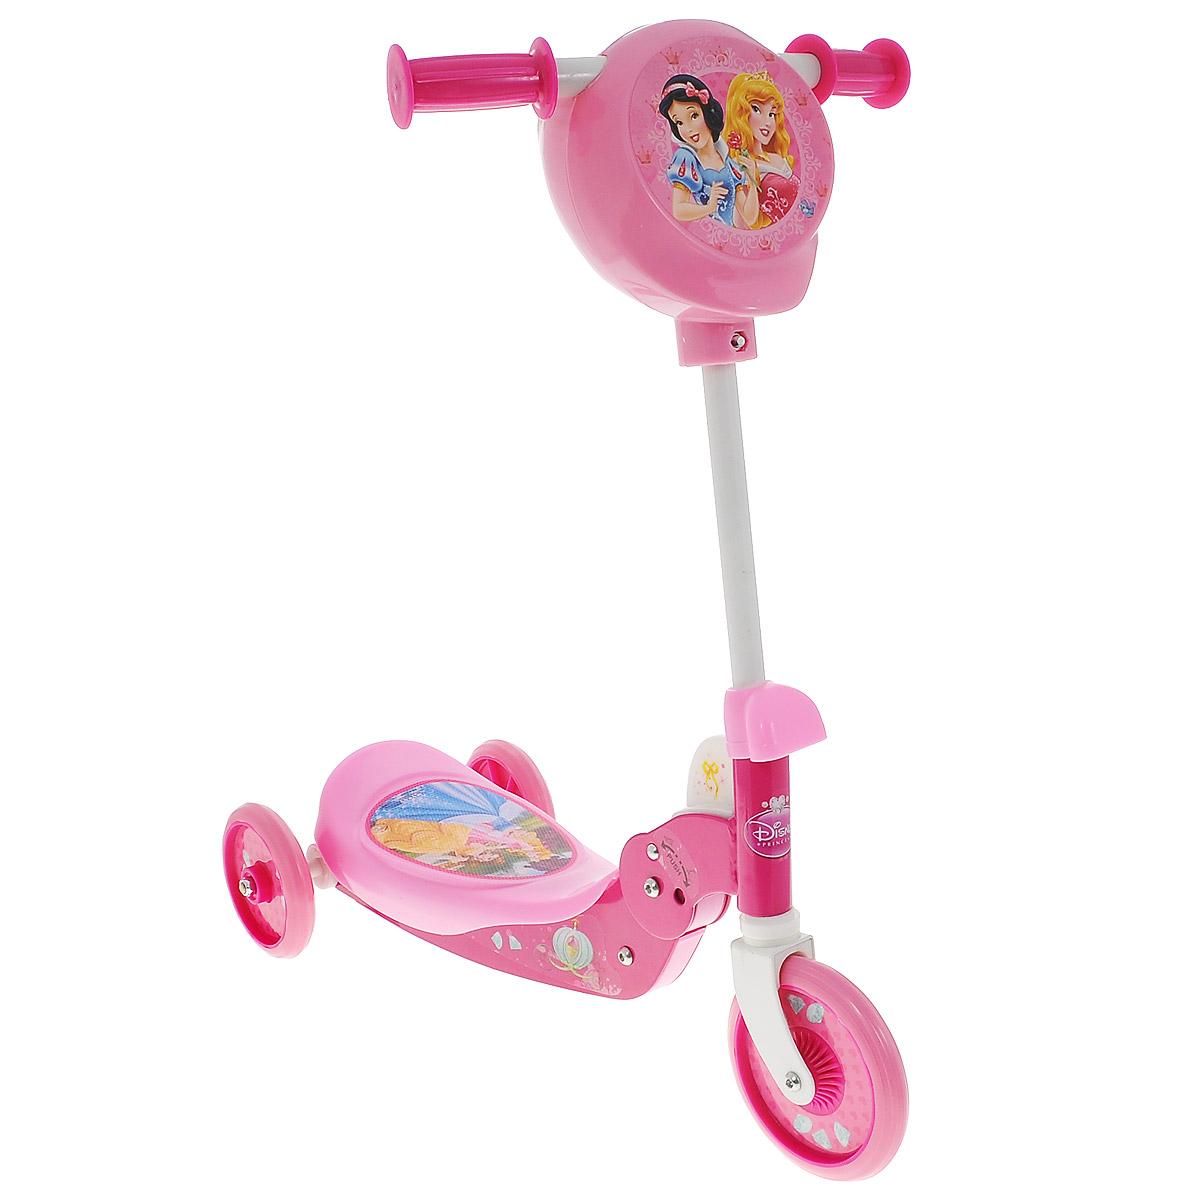 Mondo Трехколесный самокат Принцессы Дисней, цвет: розовыйMHDR2G/AДетский трехколесный самокат Принцессы Дисней с изображением героев любимых мультфильмов обязательно понравится вашему ребенку.Дека и руль самоката выполнены из прочного и легкого металла, руль регулируется по высоте. Площадка для ног снабжена противоскользящим покрытием, на котором ребенку будет удобно стоять. Ручки оснащены пластиковыми рельефными накладками, которые обеспечивают удобство при использовании. Полиуретановые колеса имеют хорошее сцепление с поверхностью и обеспечивают комфортное движение без тряски. Складная конструкция самоката облегчает транспортировку и хранение самоката. Площадка для ног у самоката поднимается при нажатии на желтую большую кнопку и открывает пространство, куда можно положить любимую игрушку, или бутылочку с водой. На руле также имеется пластиковый карман для необходимых мелочей. Самокат - это очень удобное средство передвижения. На нем можно не только кататься во дворе, но и отправиться на прогулку, объезжая прохожих и препятствия. Трехколесный самокат Принцессы Дисней от Mondo не имеет аналогов. Он складывается таким образом, что его невероятно просто перевозить в транспорте или переносить по лестнице.